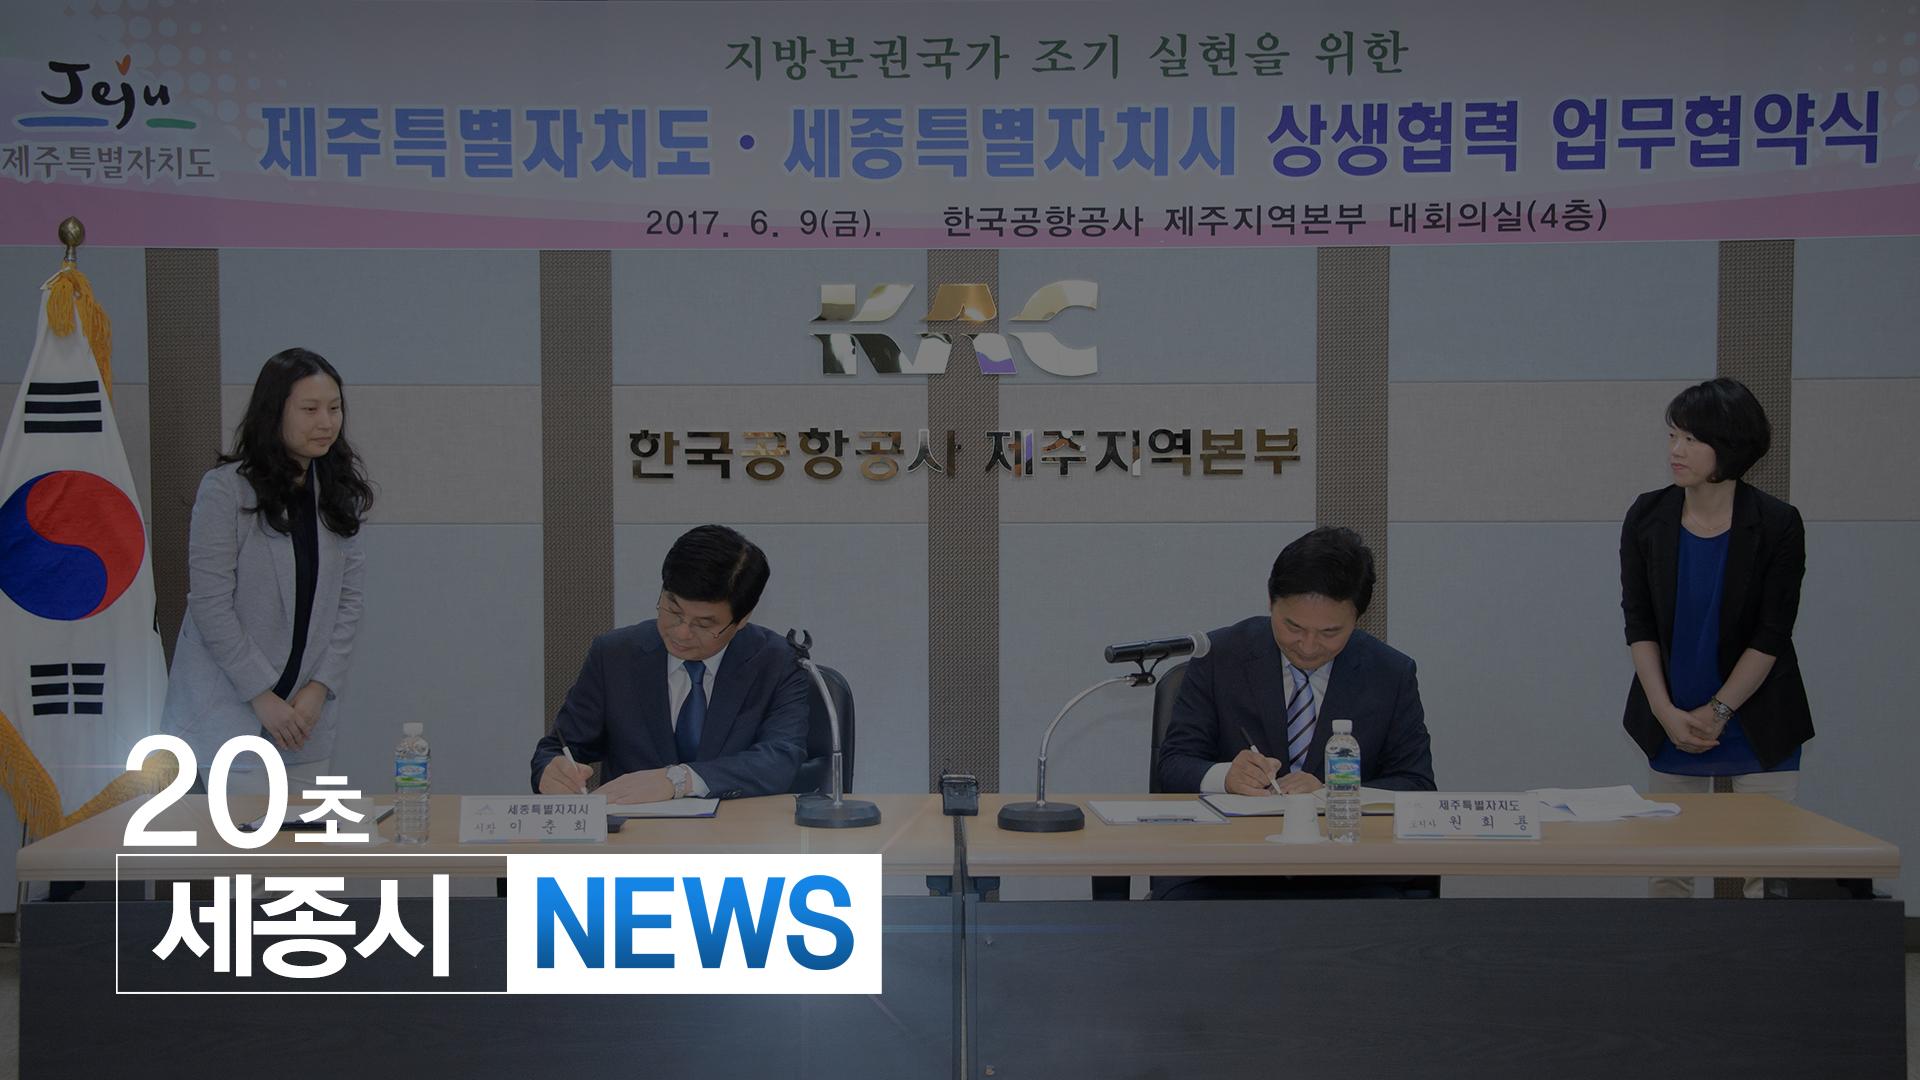 <20초뉴스> 세종시·제주도, 연방제 자치 동행